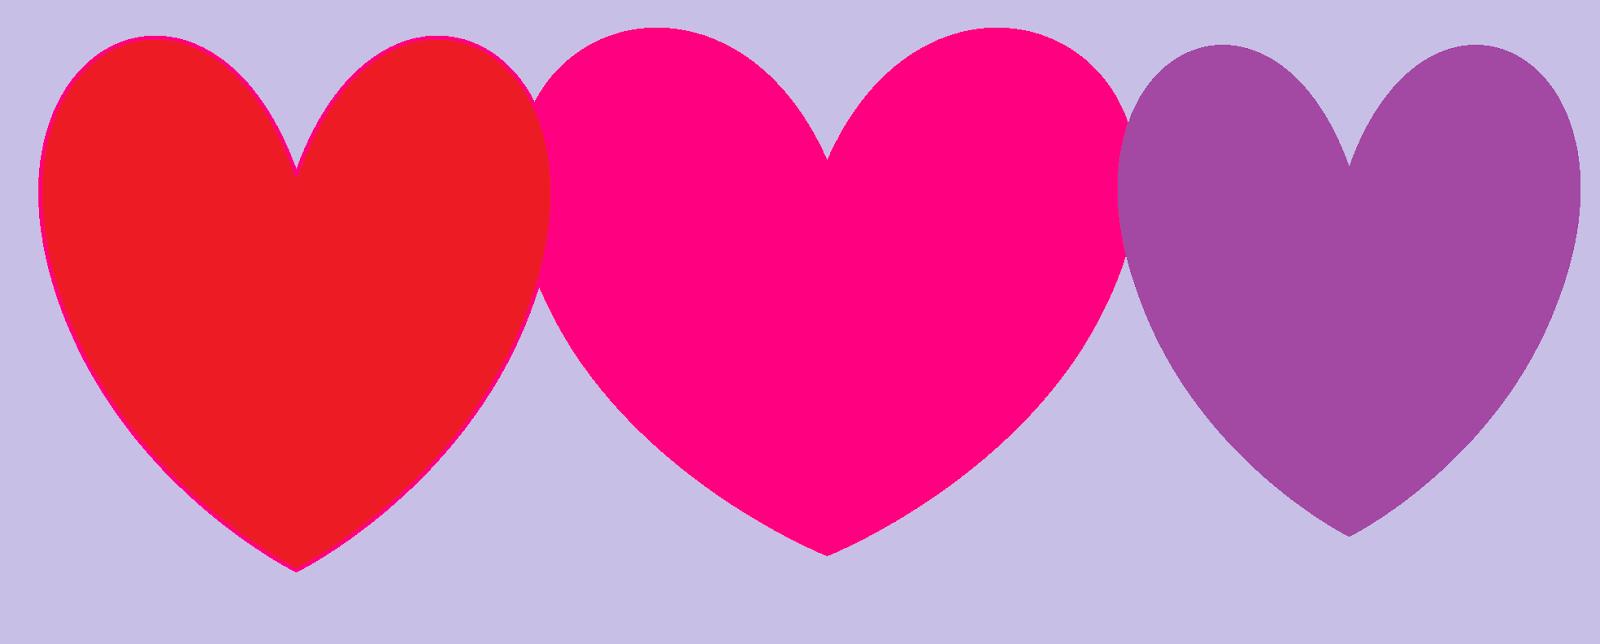 красивые картинки про любовь со стихами фото - Анимационные открытки и картинки со стихами Gifzona